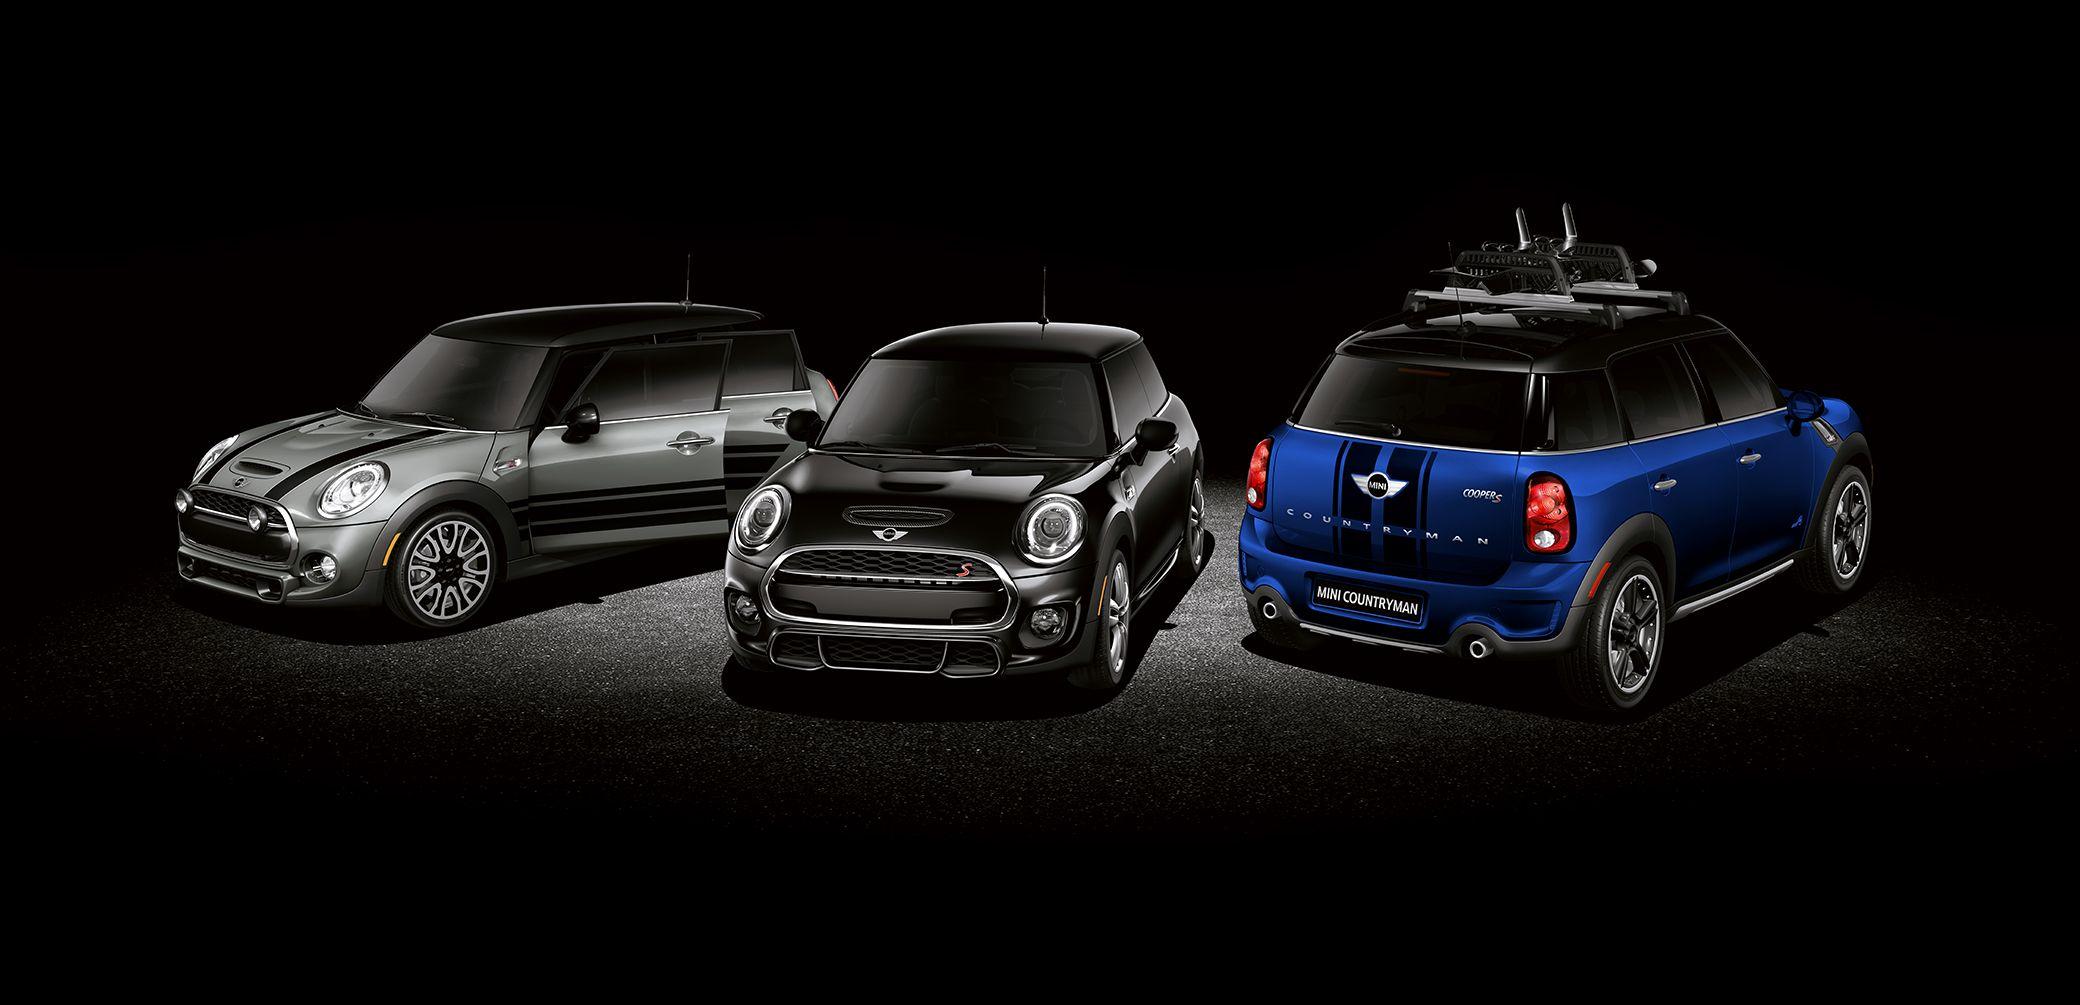 The Three Most Popular Mini Models Meet The Mini Hardtop 2 Door Mini Hardtop 4 Door And Mini Countryman Mini Cooper Mini Countryman Mini